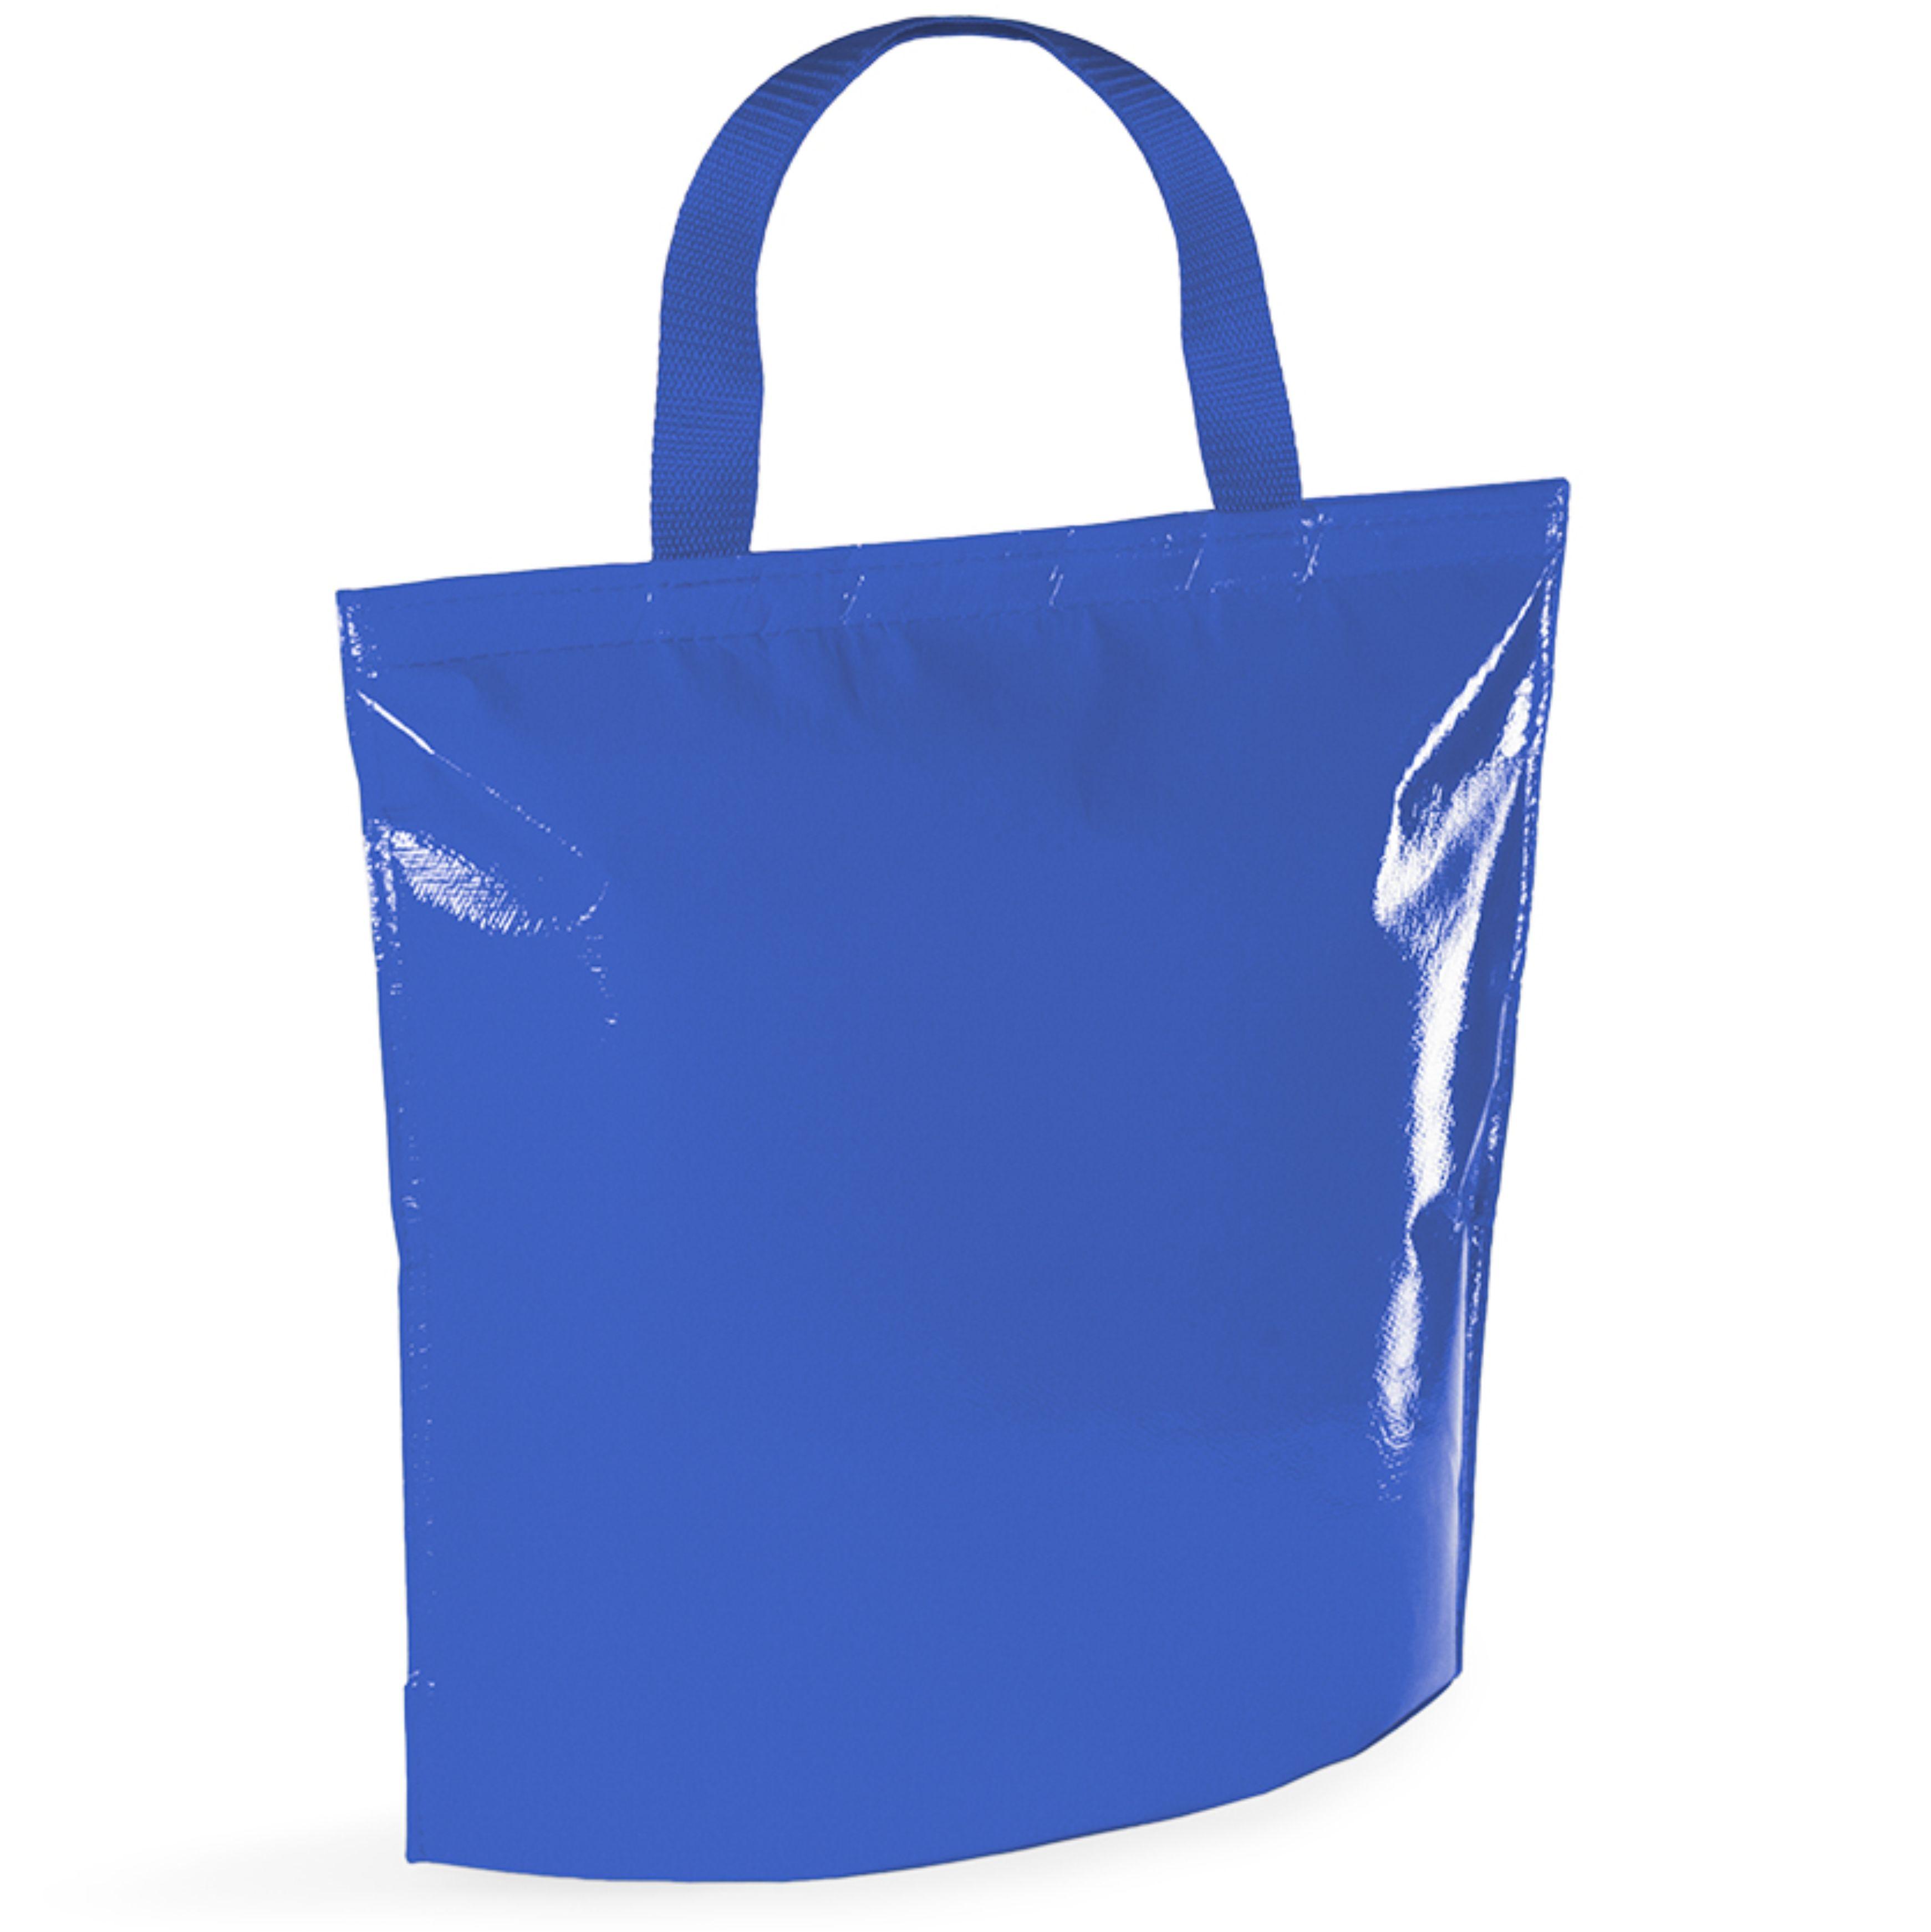 Рюкзаки оптом в Самаре от 30-50 штук по выгодным ценам и быстрая отгрузка. Скидки на рюкзаки под нанесение в зависимости от партии заказа. У нас заказывают рюкзаки под нанесение многие компании, ведь у нас низкие цены на рекламные рюкзаки высокого качества. Кроме этих моделей, у нас есть еще рюкзаки в Москве, посмотреть модели и наличие можете по ссылке.    Спешите заказать рюкзаки оптом в Самаре со склада.